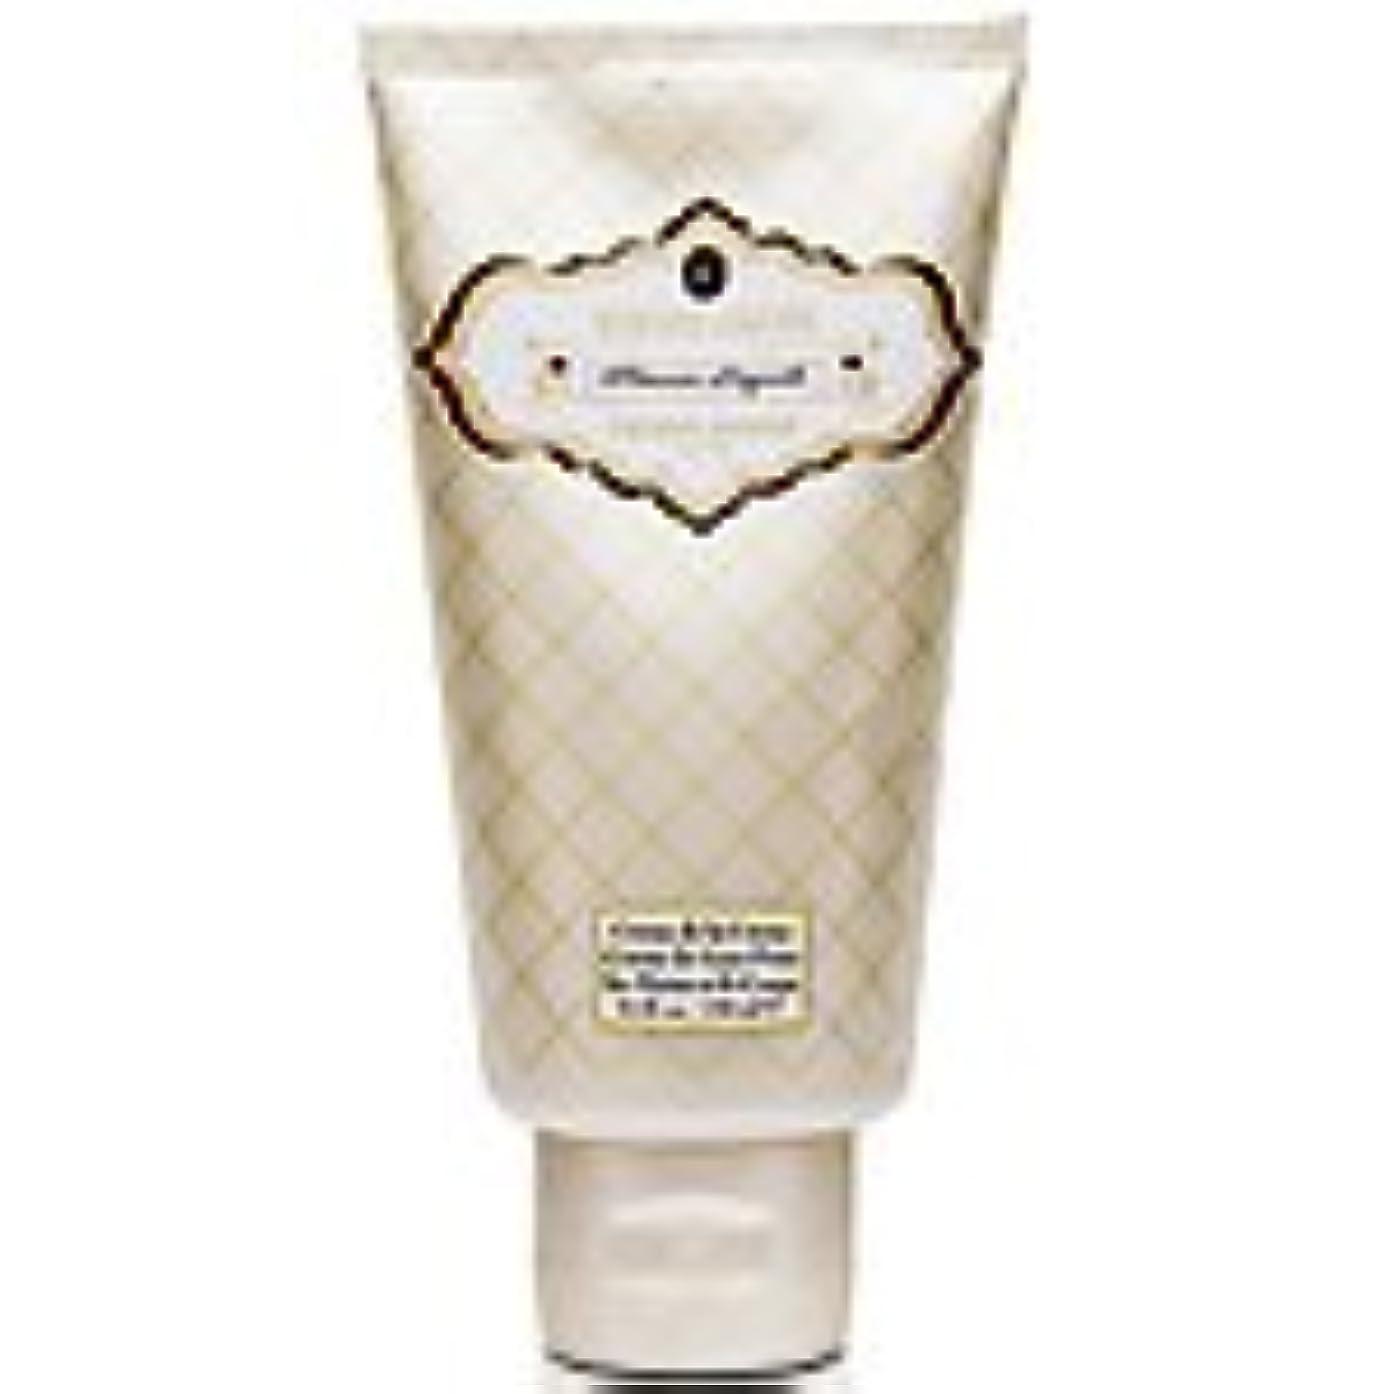 コットン血色の良い栄光Memoire Liquide Reserve - Vacances Liquide (メモワールリキッドリザーブ - バカンスリキッド) 5.1 oz oz (153ml) Body Cream for Unisex